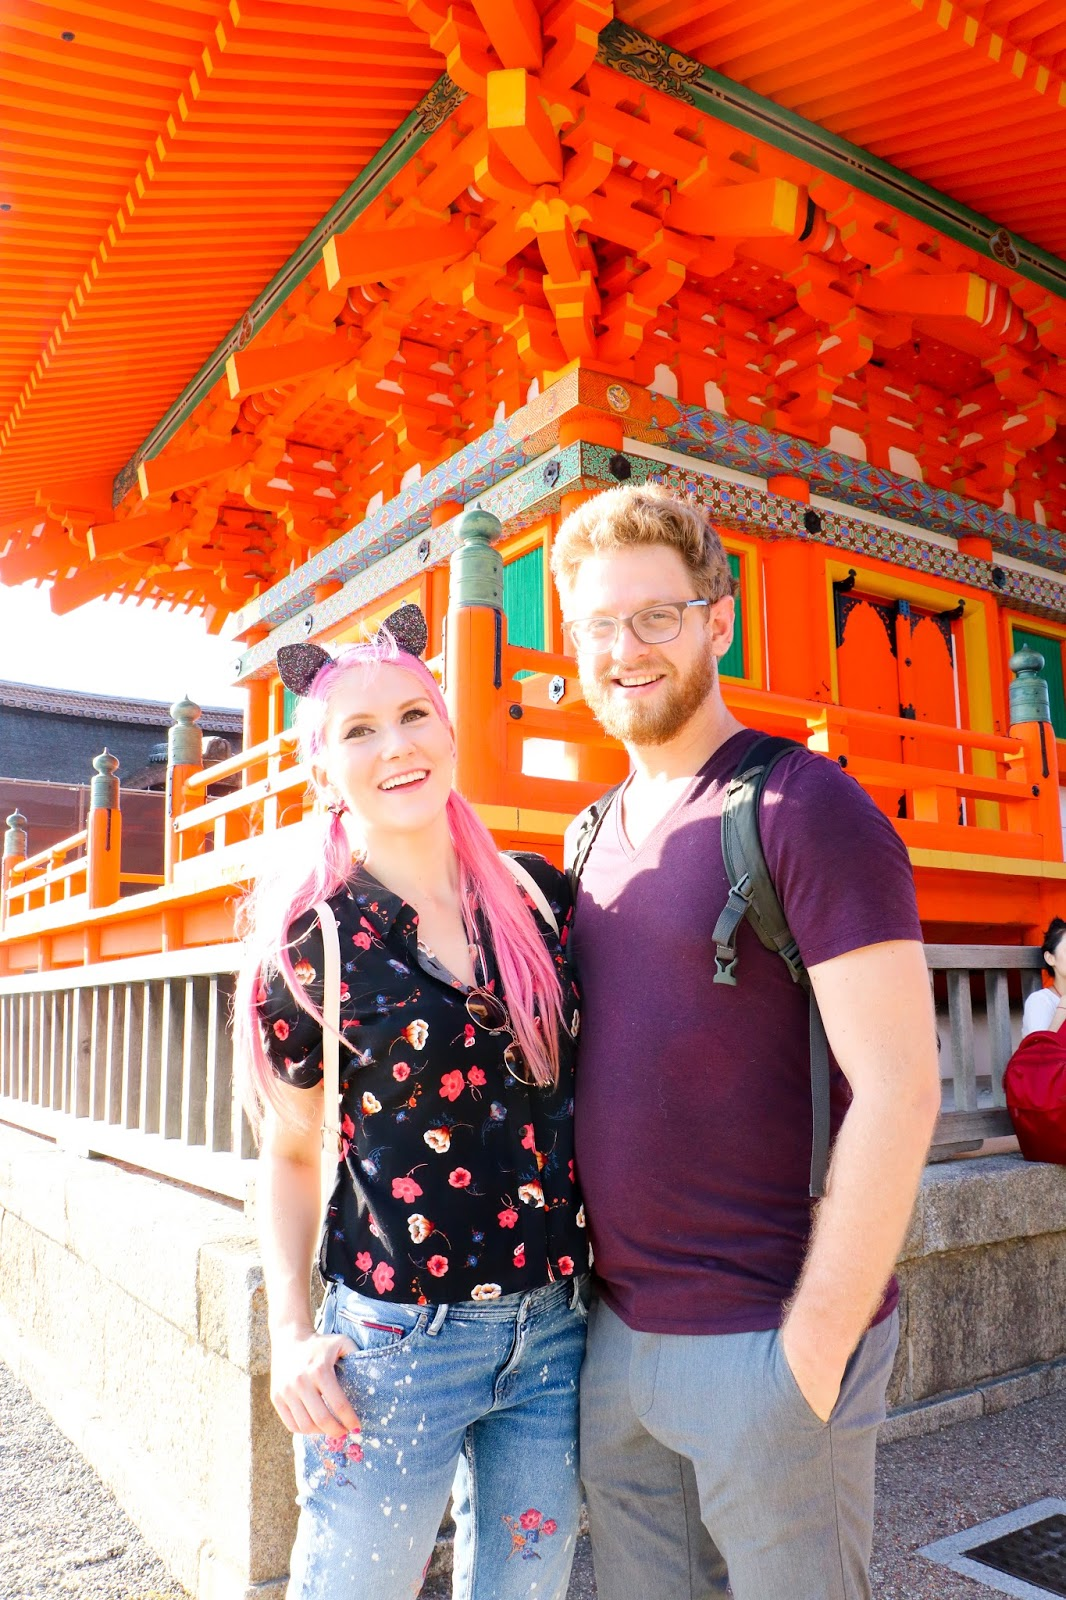 Touring Kiyomizu-dera in Kyoto Japan